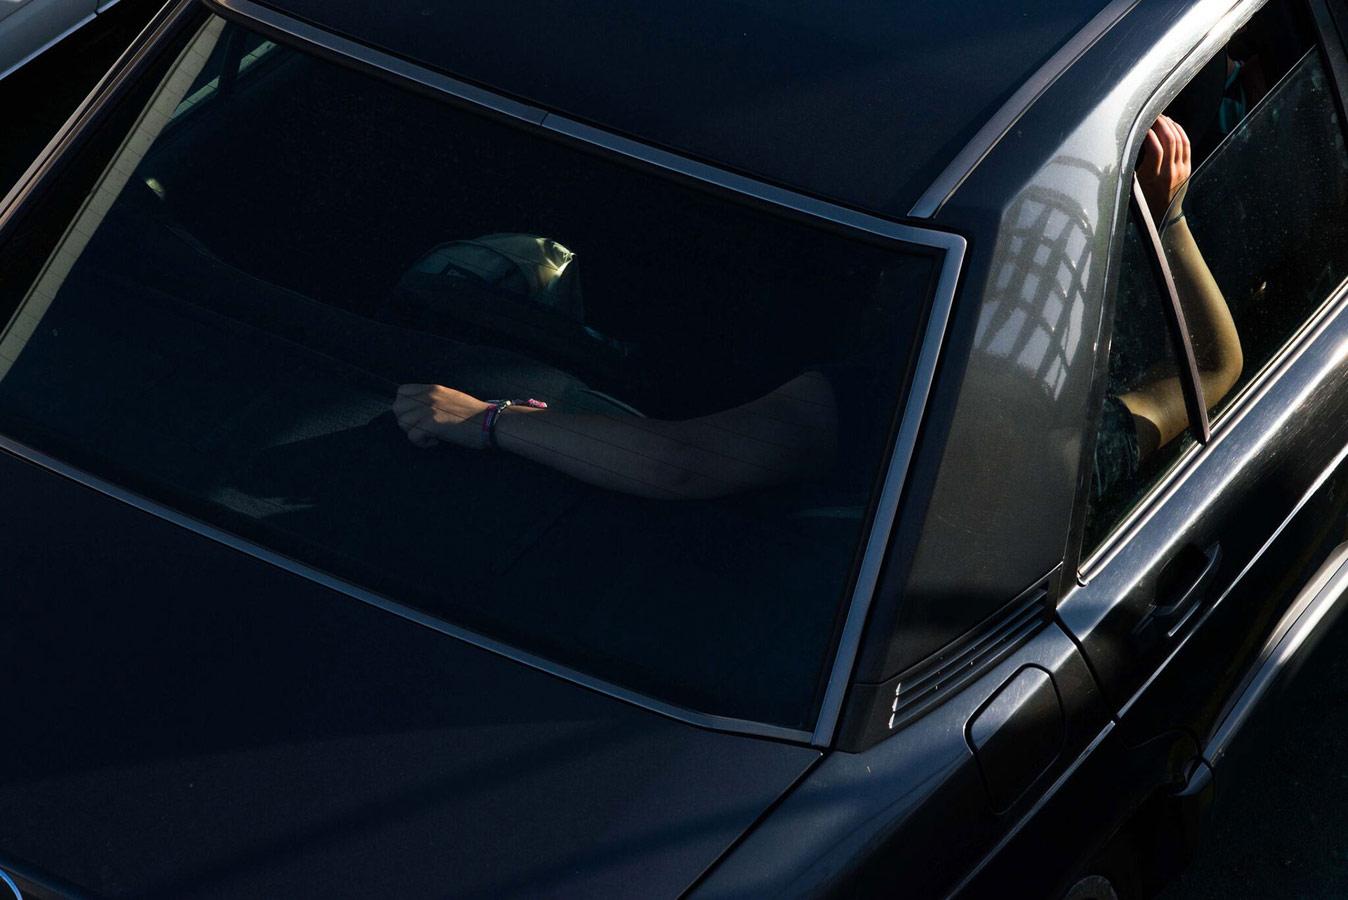 Паромные сказки, © Карлос Баррадас, Фотоконкурс «Фотография и литература» – Wort im Bild